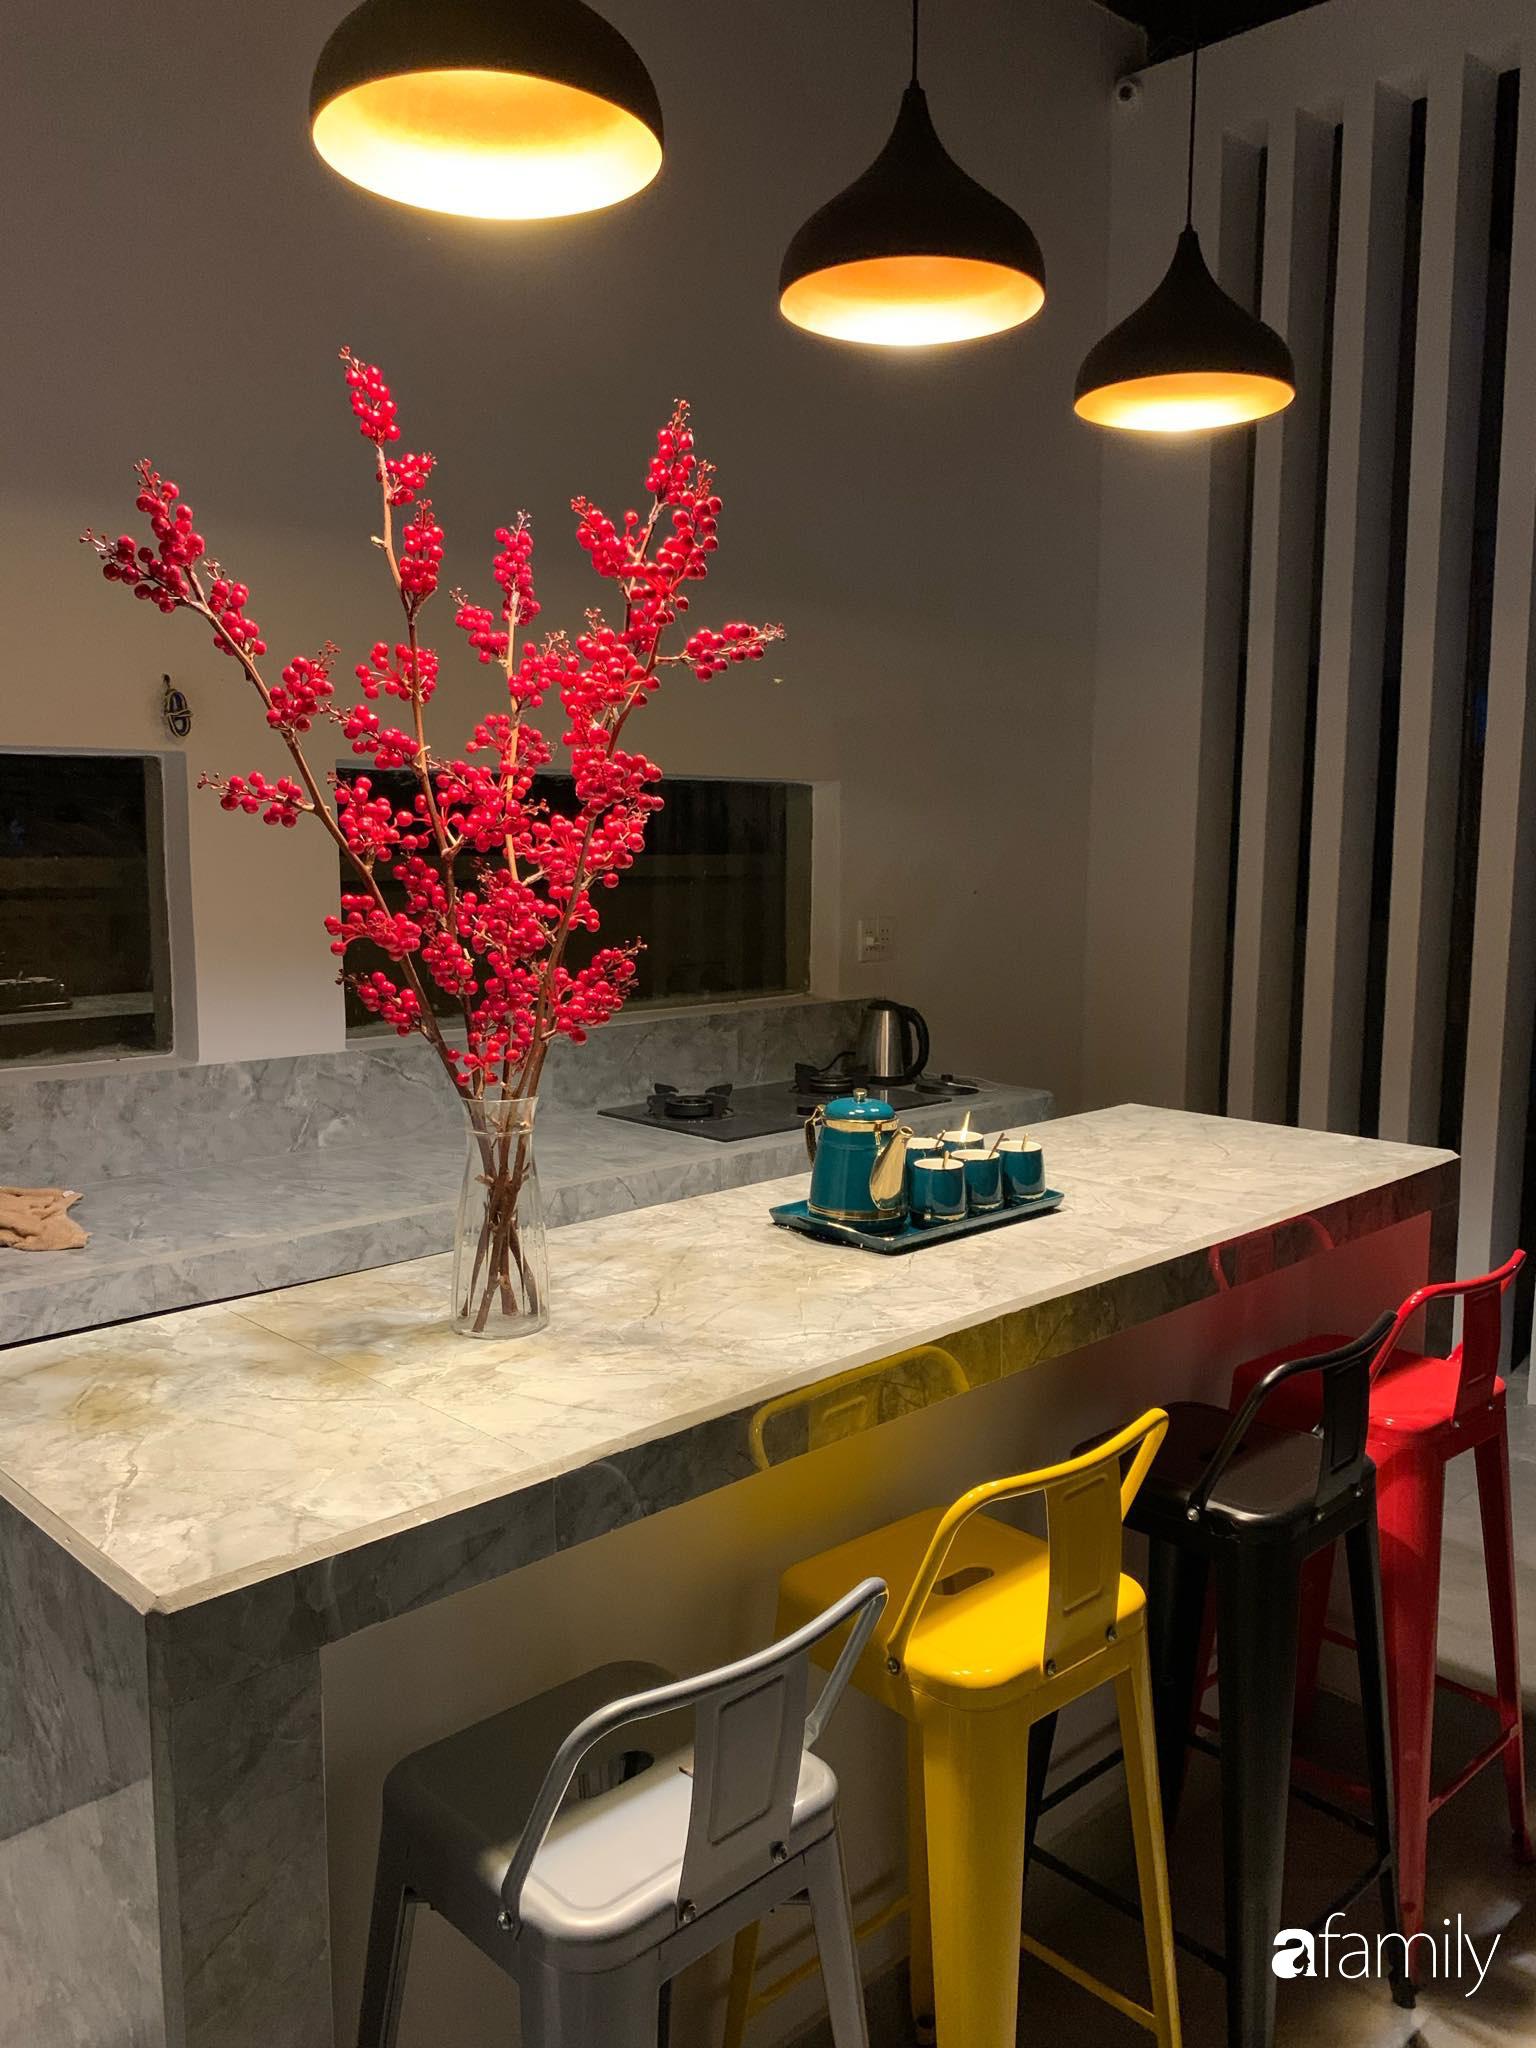 Ngôi nhà rộng 147m2 đẹp như resort củ chàng tri 24 tuổi ấp ủ hoàn thành ước mơ ở Tây Ninh - Ảnh 12.